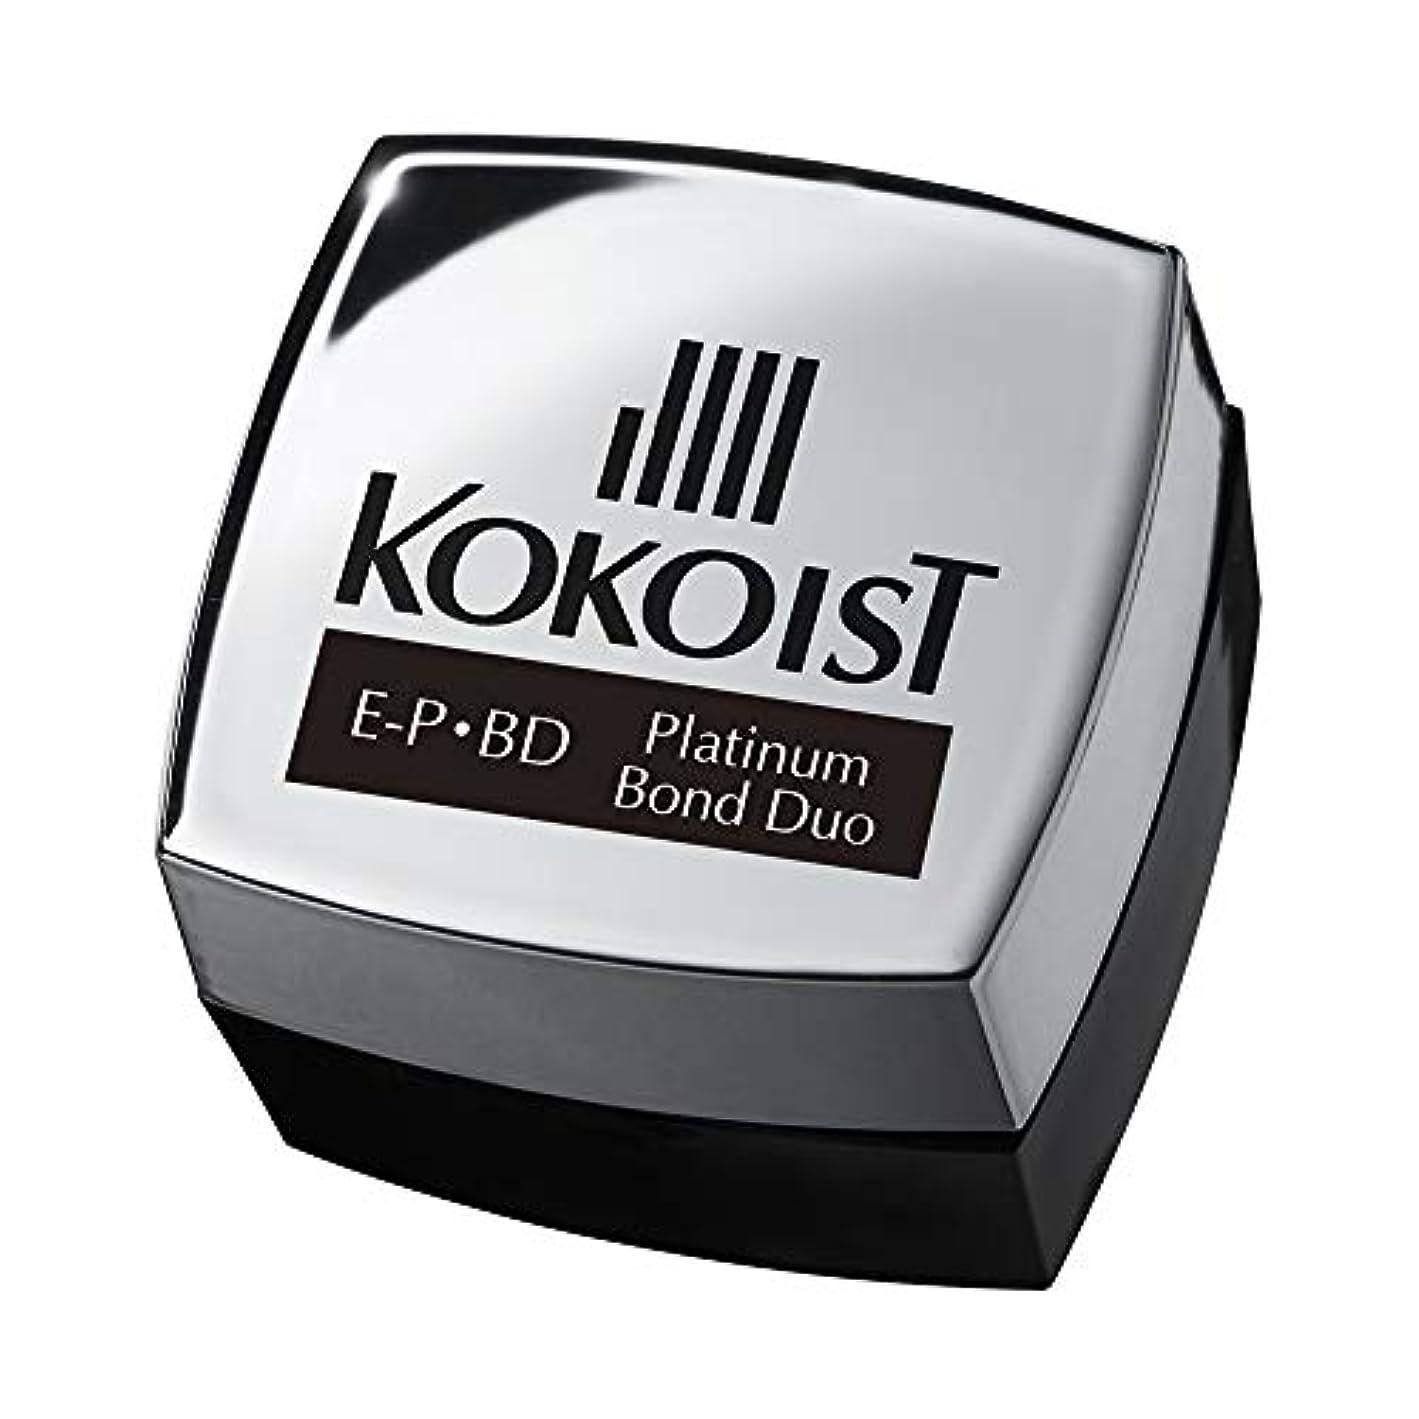 バース高める合唱団KOKOIST プラチナボンドデュオ 4g UV/LED対応